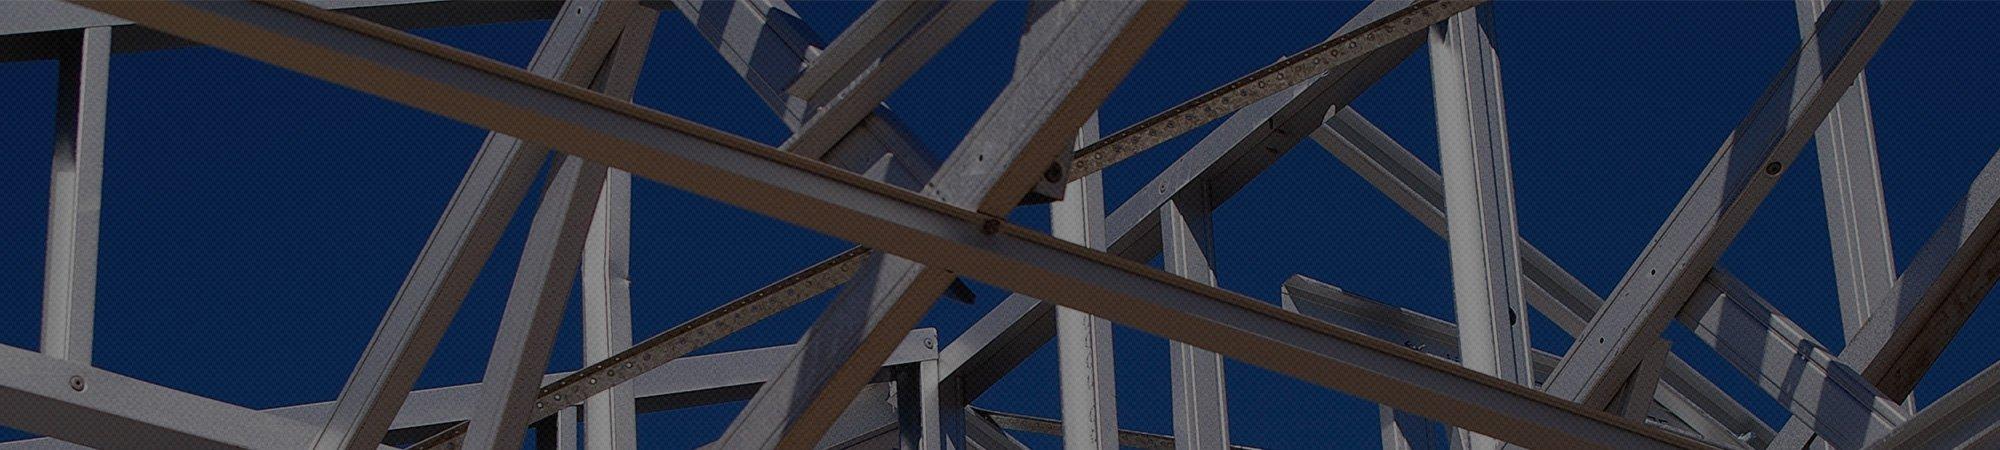 BIM в проектировании и производстве металлоконструкций